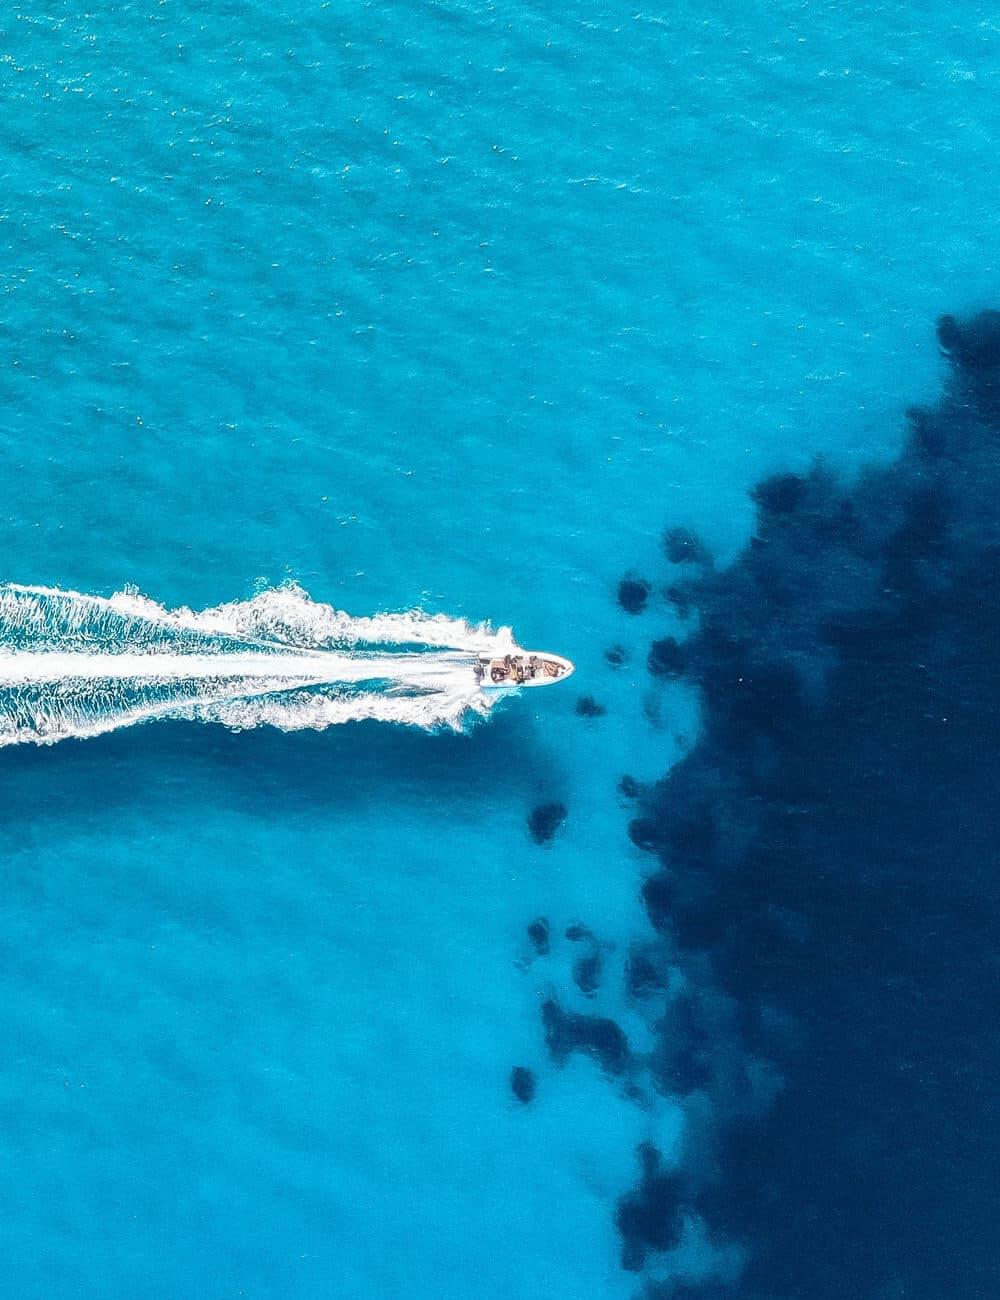 Una vista aerea di un gommone che naviga in mare aperto e lascia una scia di schiuma alle sue spalle.